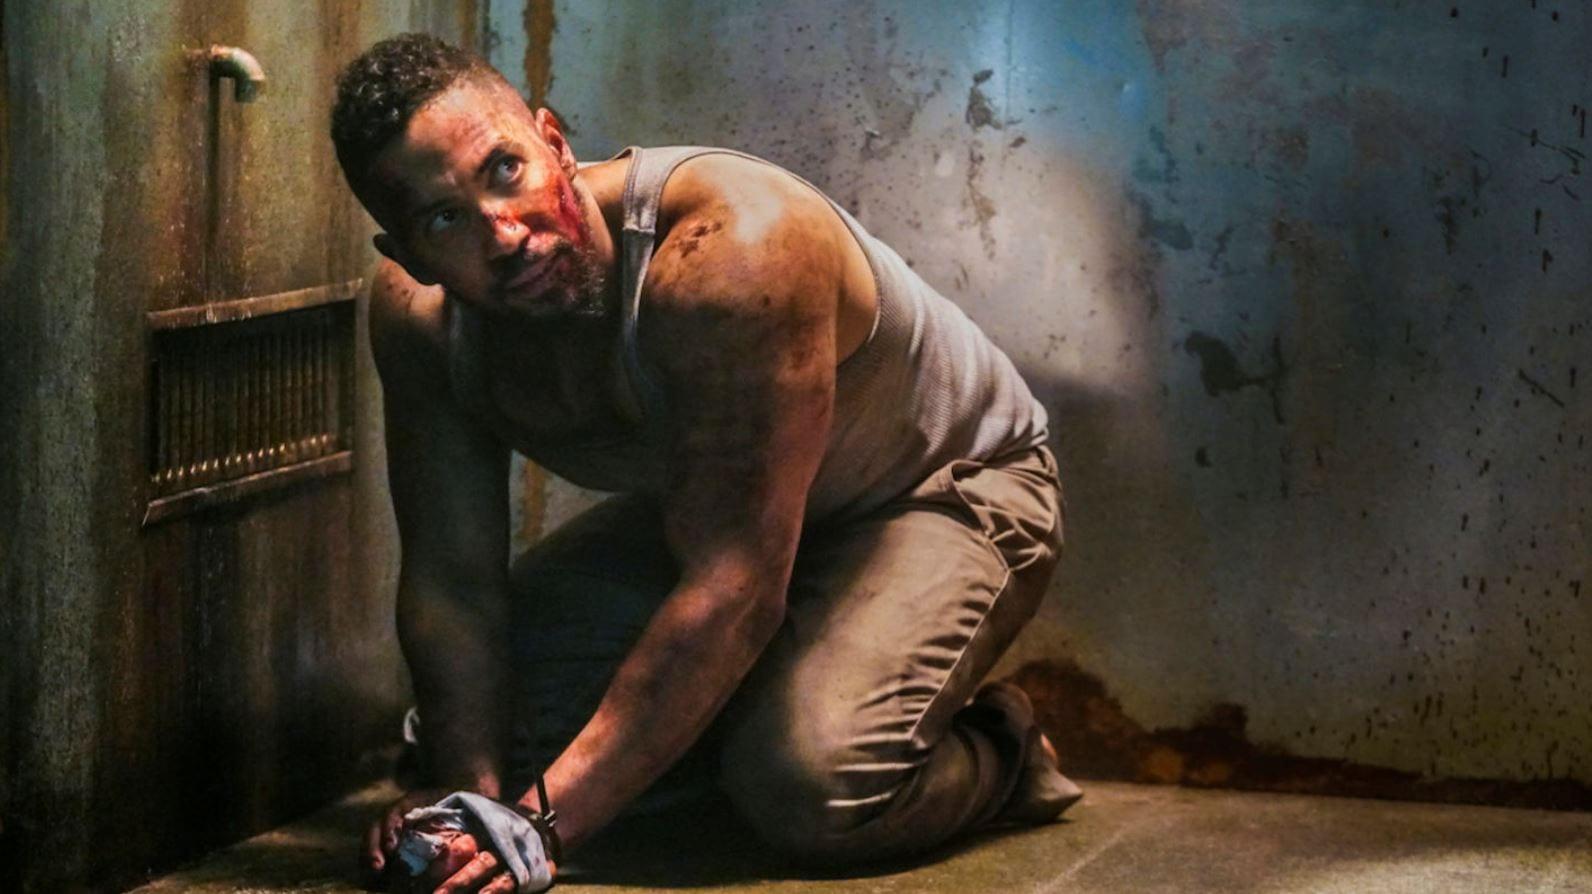 Preview and Recap: SEAL Team Season 4 Episode 9